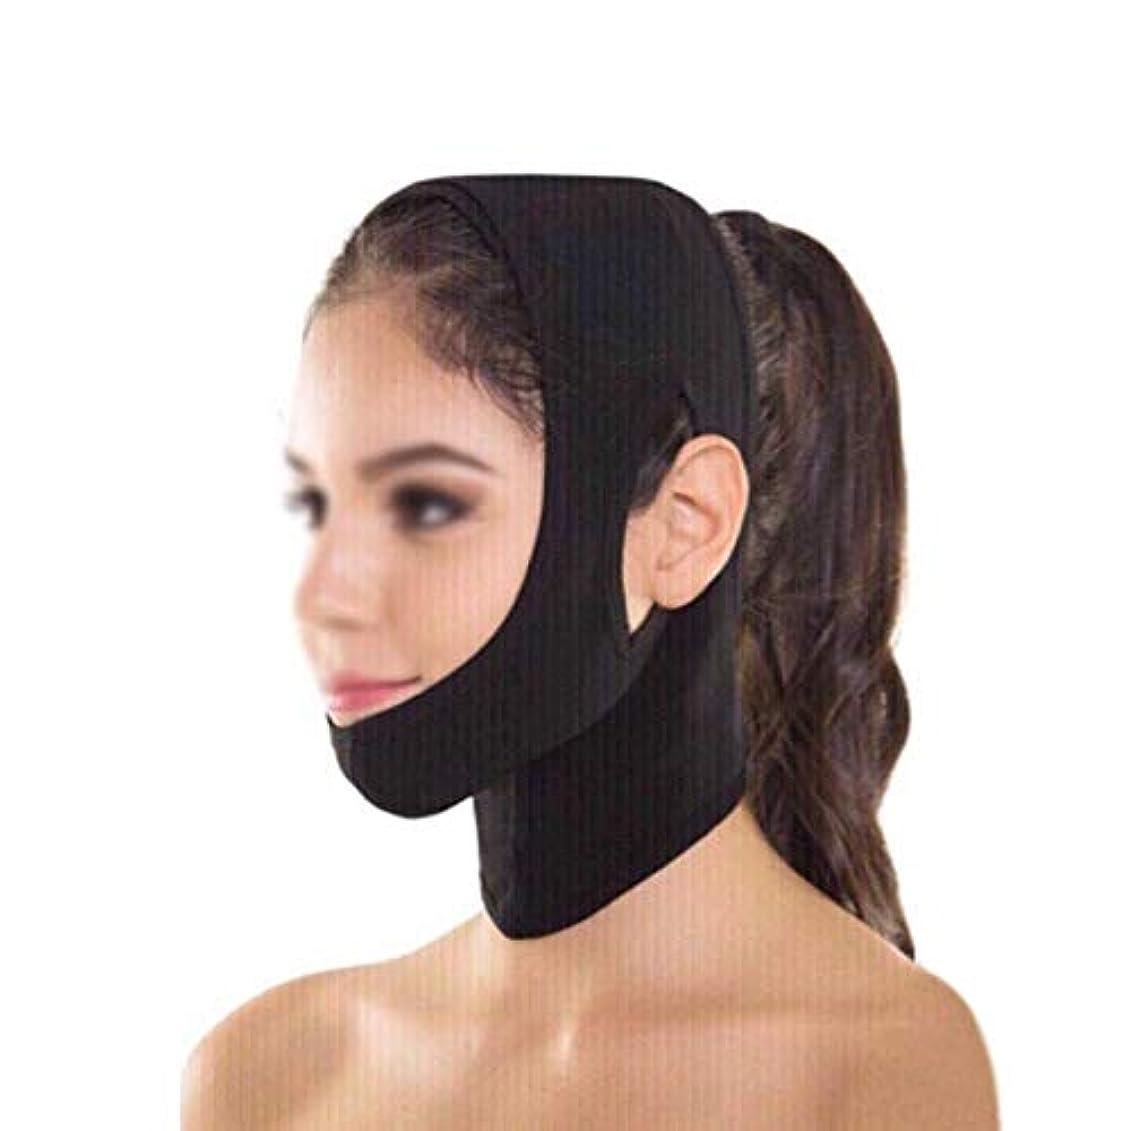 ヘルシーアラバマくちばしフェイスリフティングバンデージ、フェイスリフティングマスク、顔面の首と首を持ち上げる、顔を持ち上げて二重あごを減らす(フリーサイズ)(カラー:カーキ色),ブラック